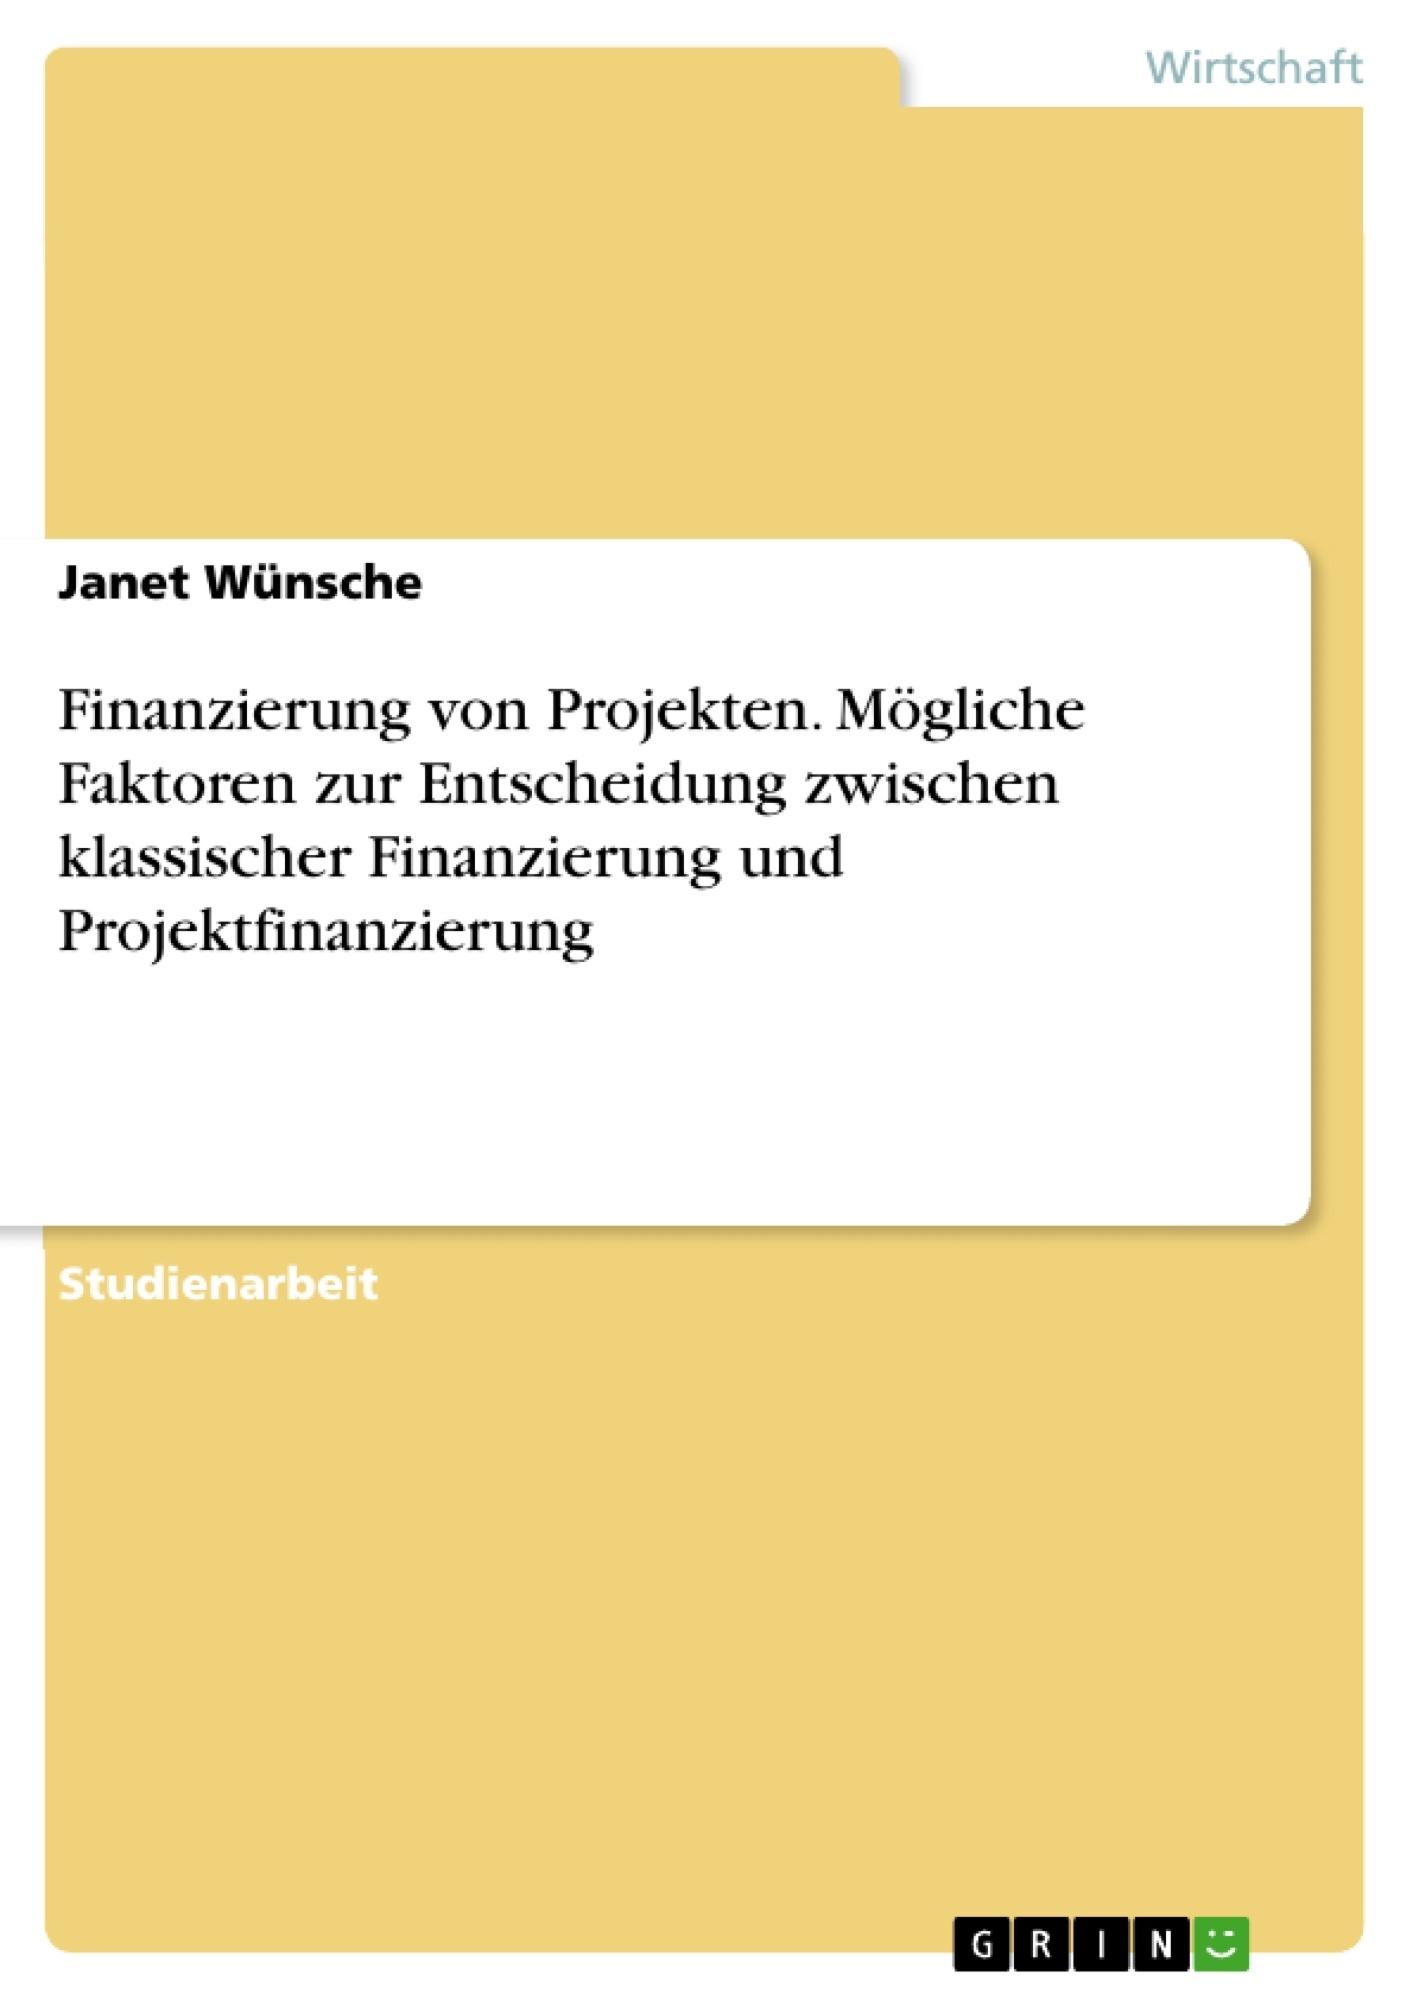 Titel: Finanzierung von Projekten. Mögliche Faktoren zur Entscheidung zwischen klassischer Finanzierung und Projektfinanzierung